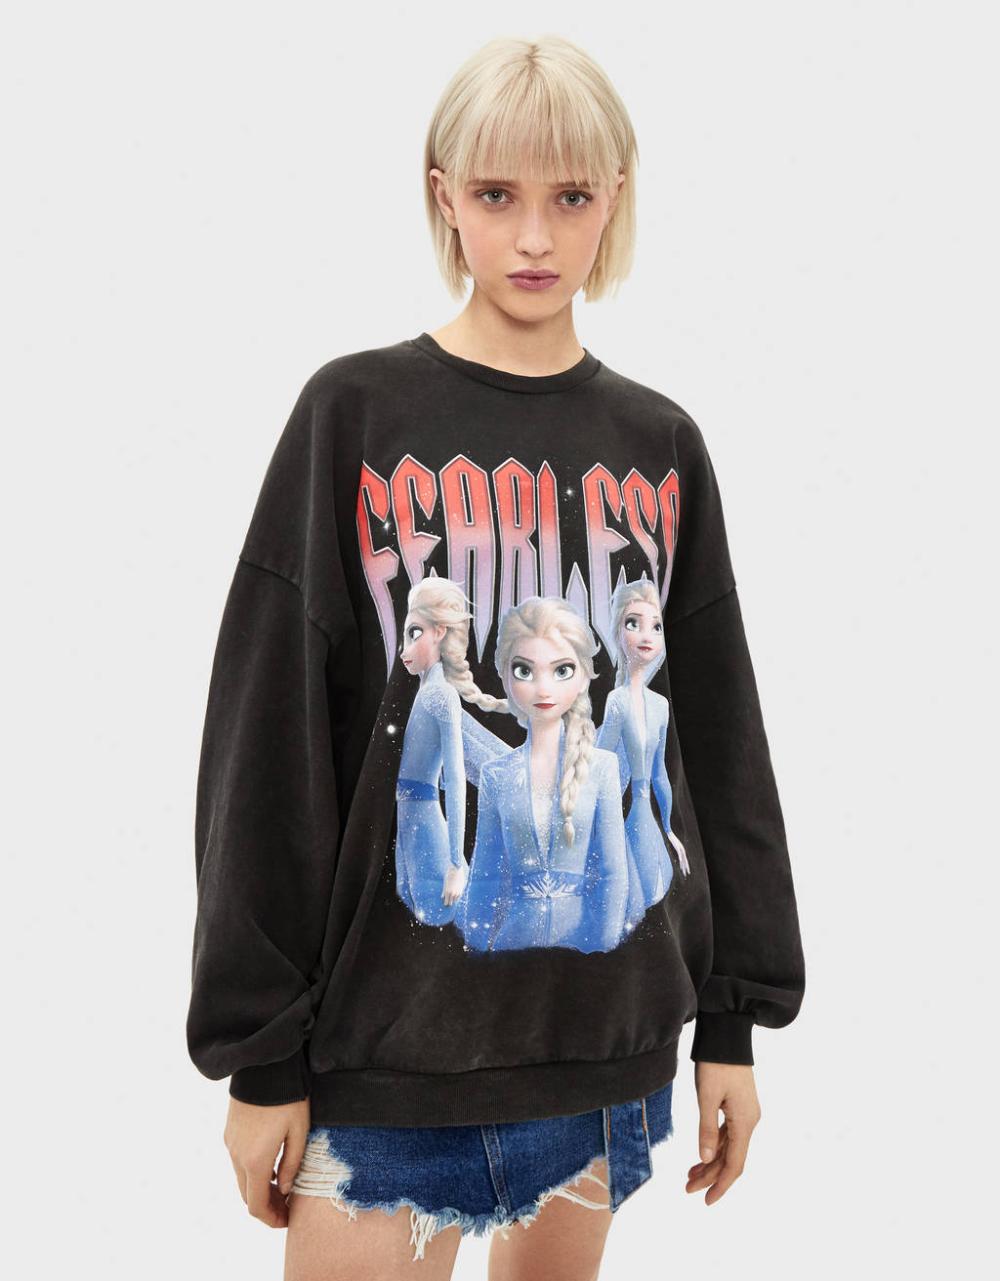 Frozen Sweatshirt Sweatshirts Hoodies Bershka United Kingdom Sweatshirts Sweatshirts Hoodie Hoodies [ 1281 x 1000 Pixel ]